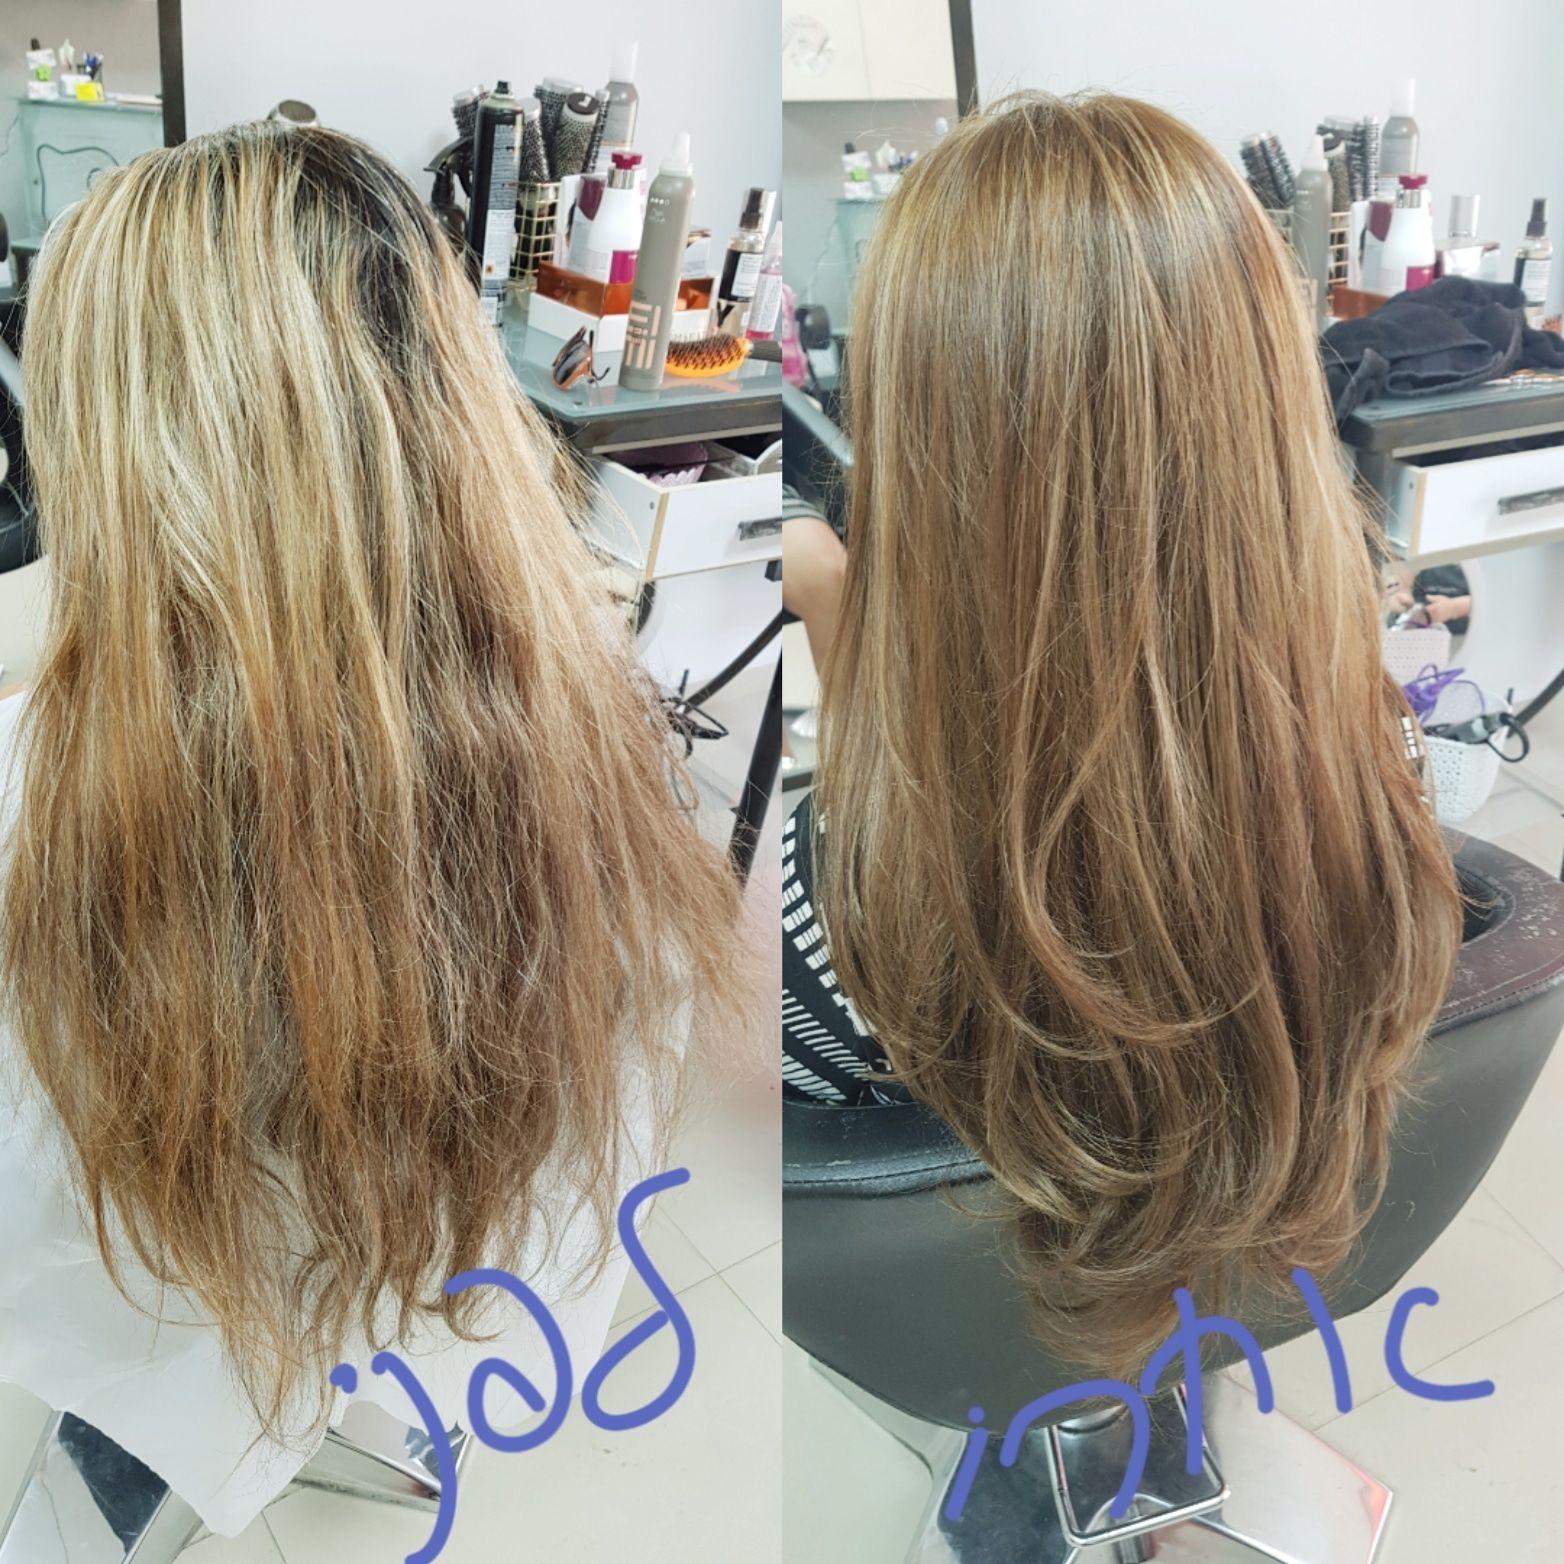 צבעי שיער טבעיים לורן עיצוב שיער קרית גת